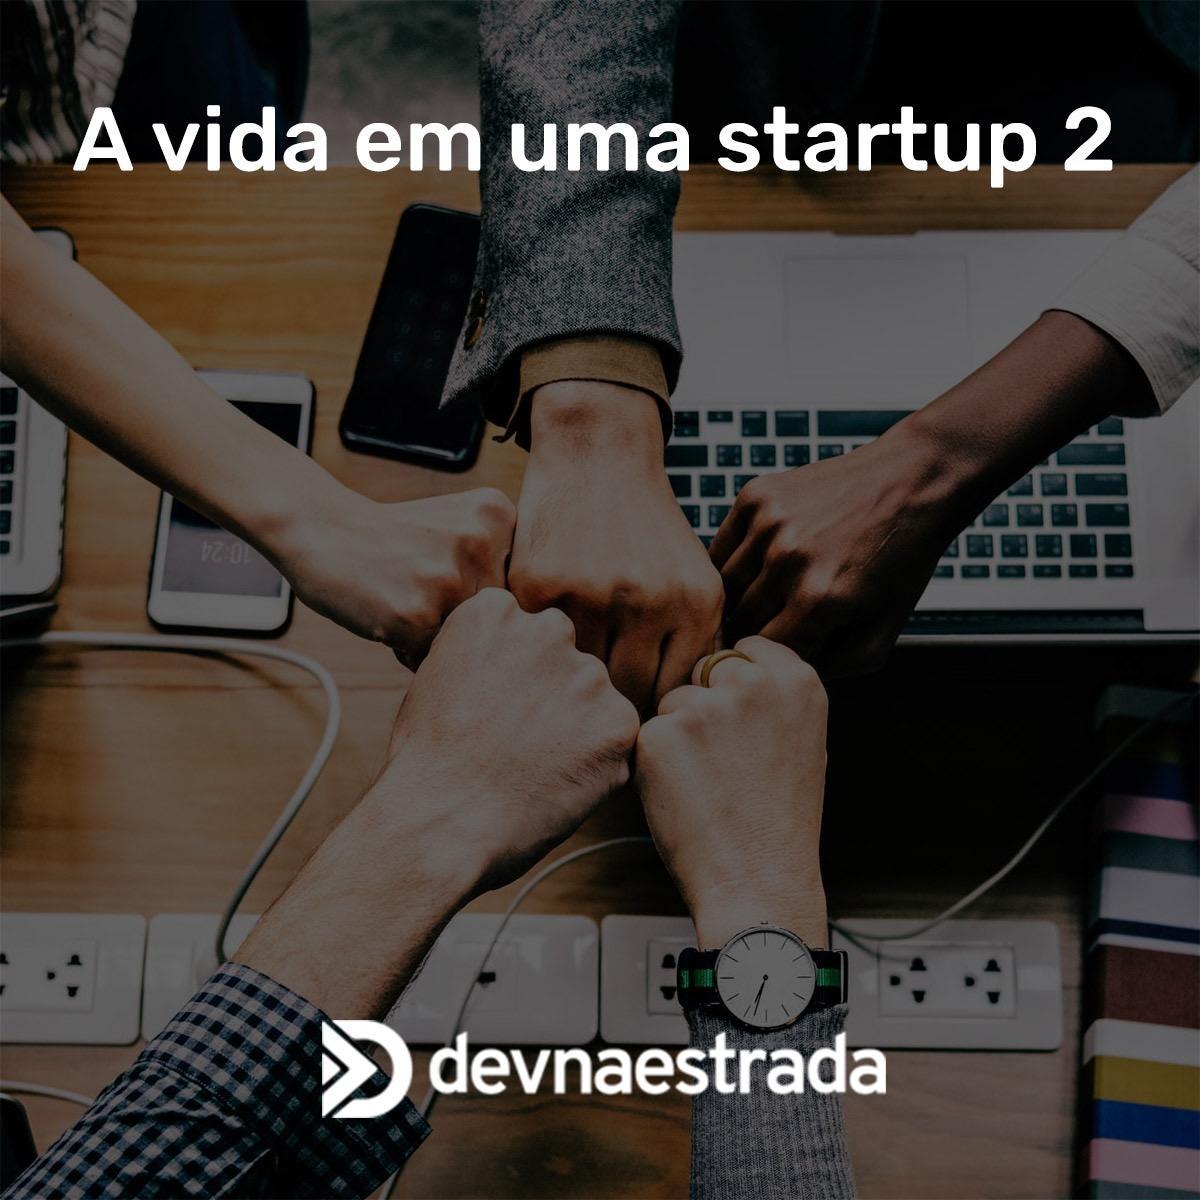 A vida em uma startup 2